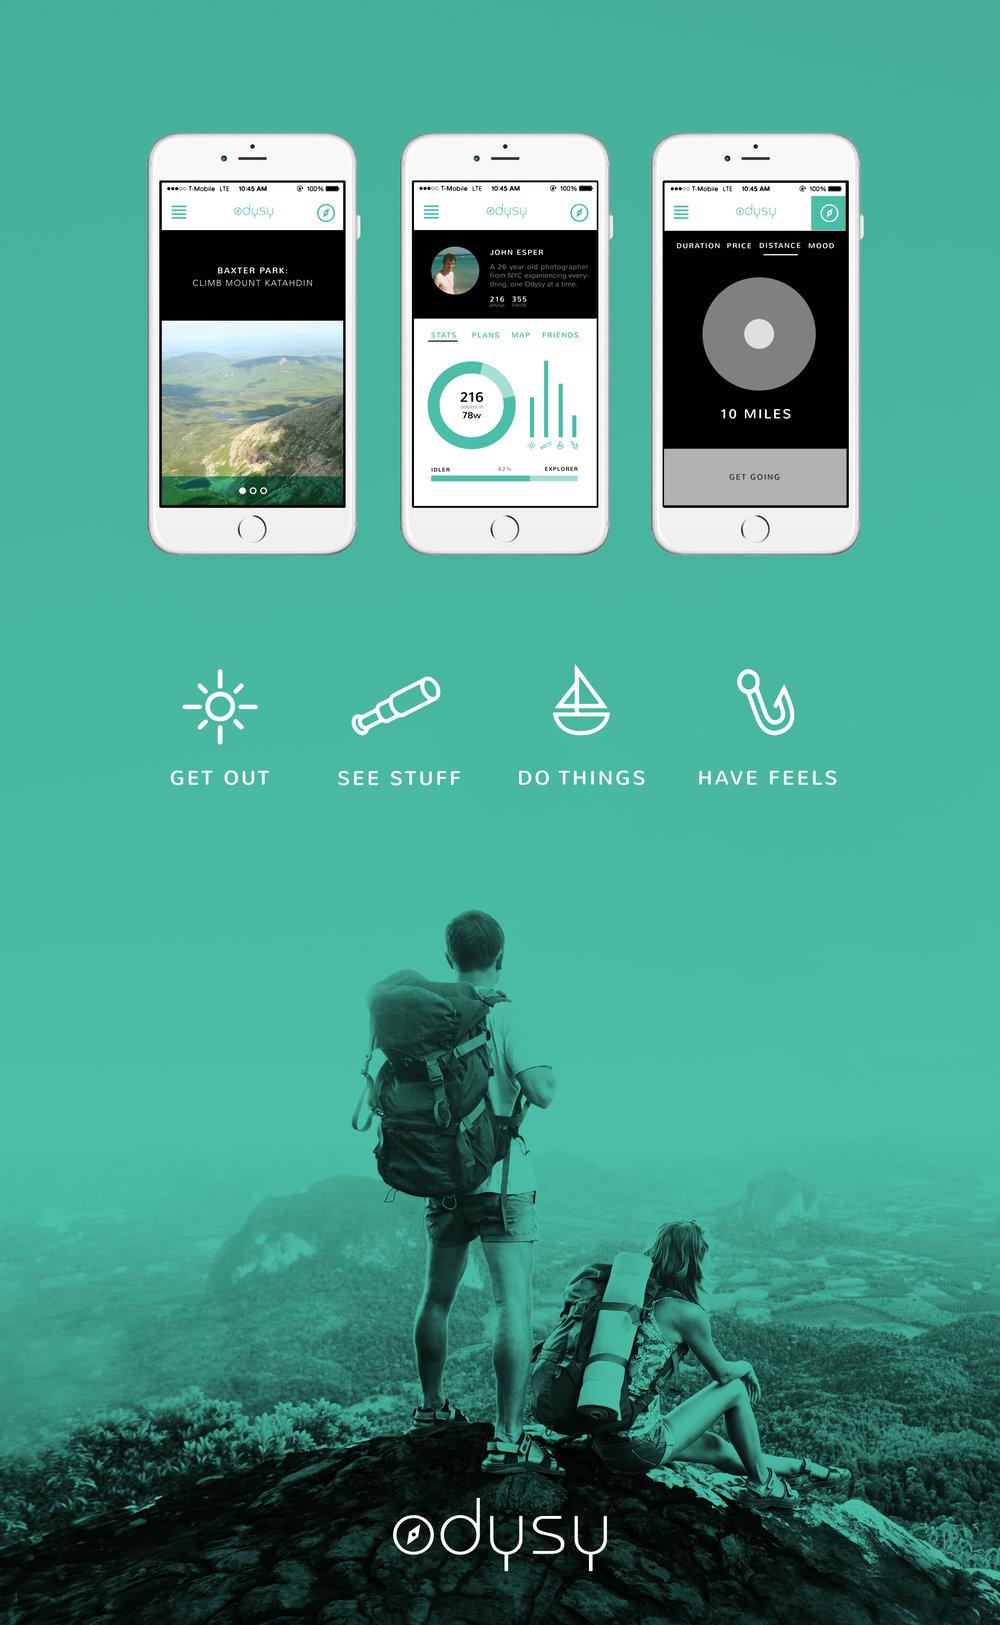 Odysy-poster.jpg